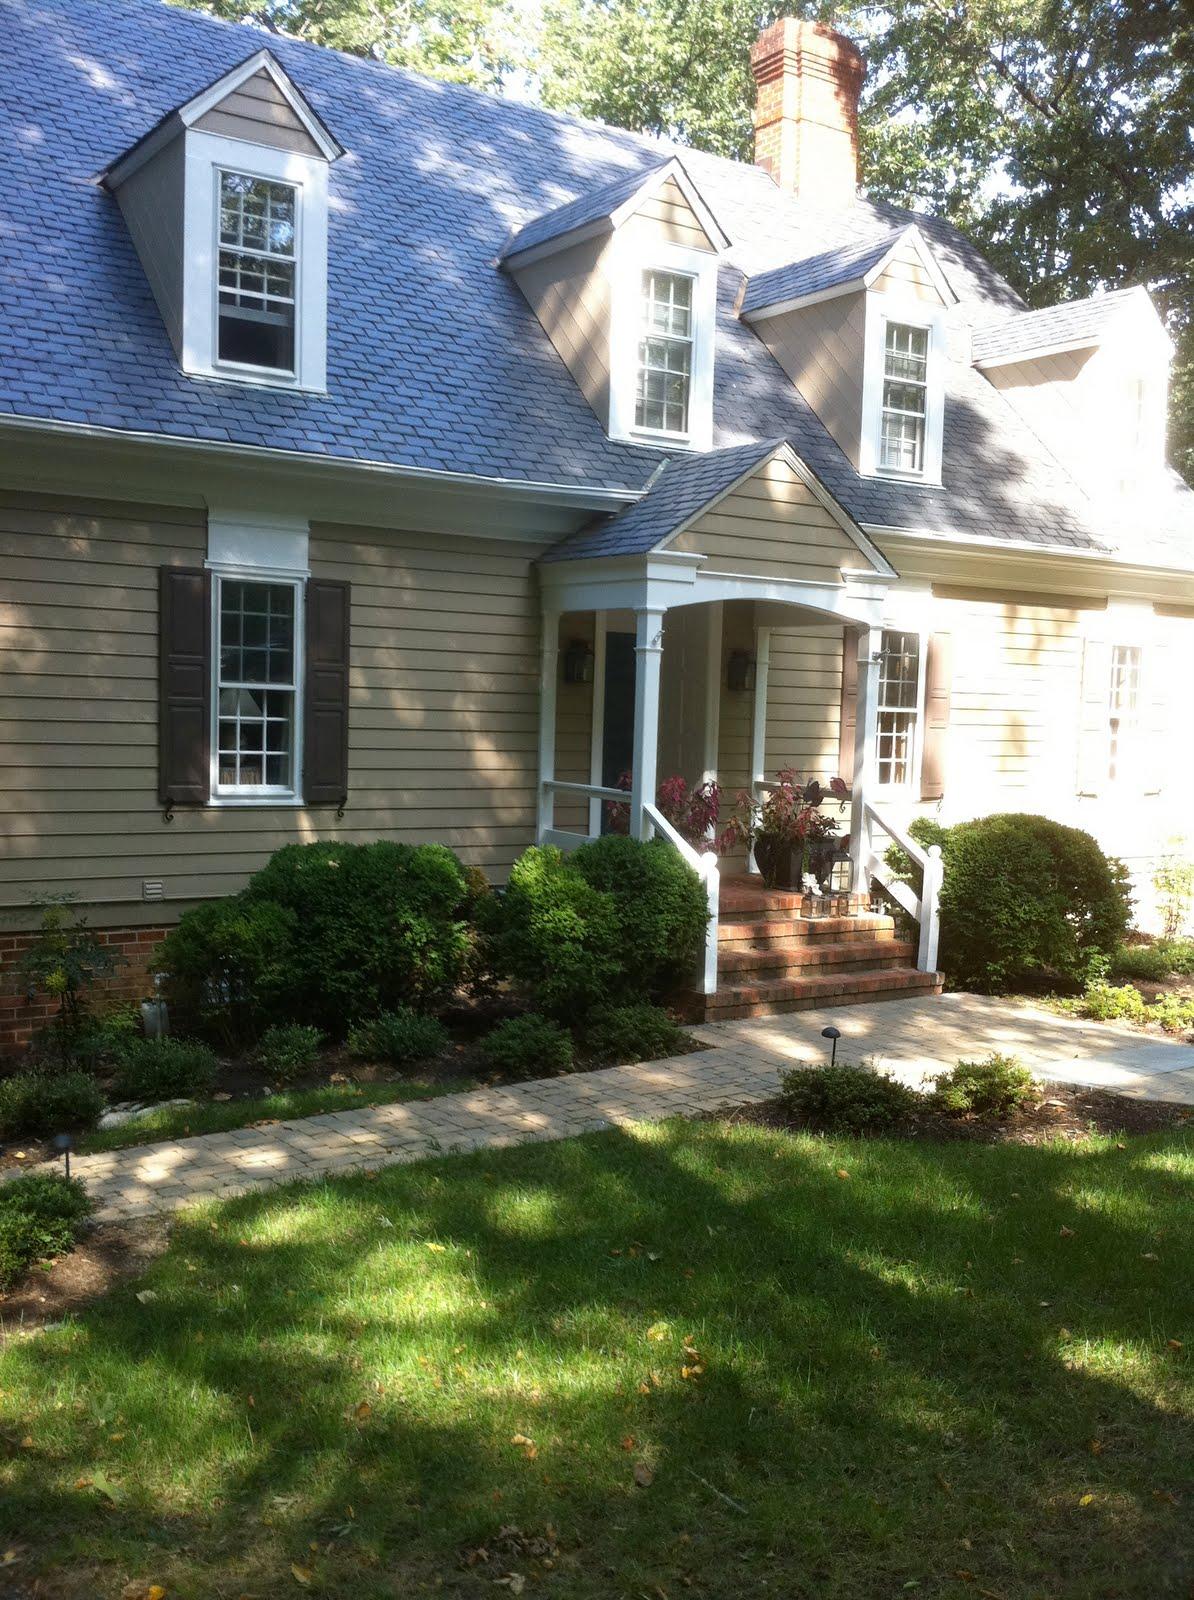 Bridget beari design chat exterior paint colors - Exterior colour schemes for houses ...